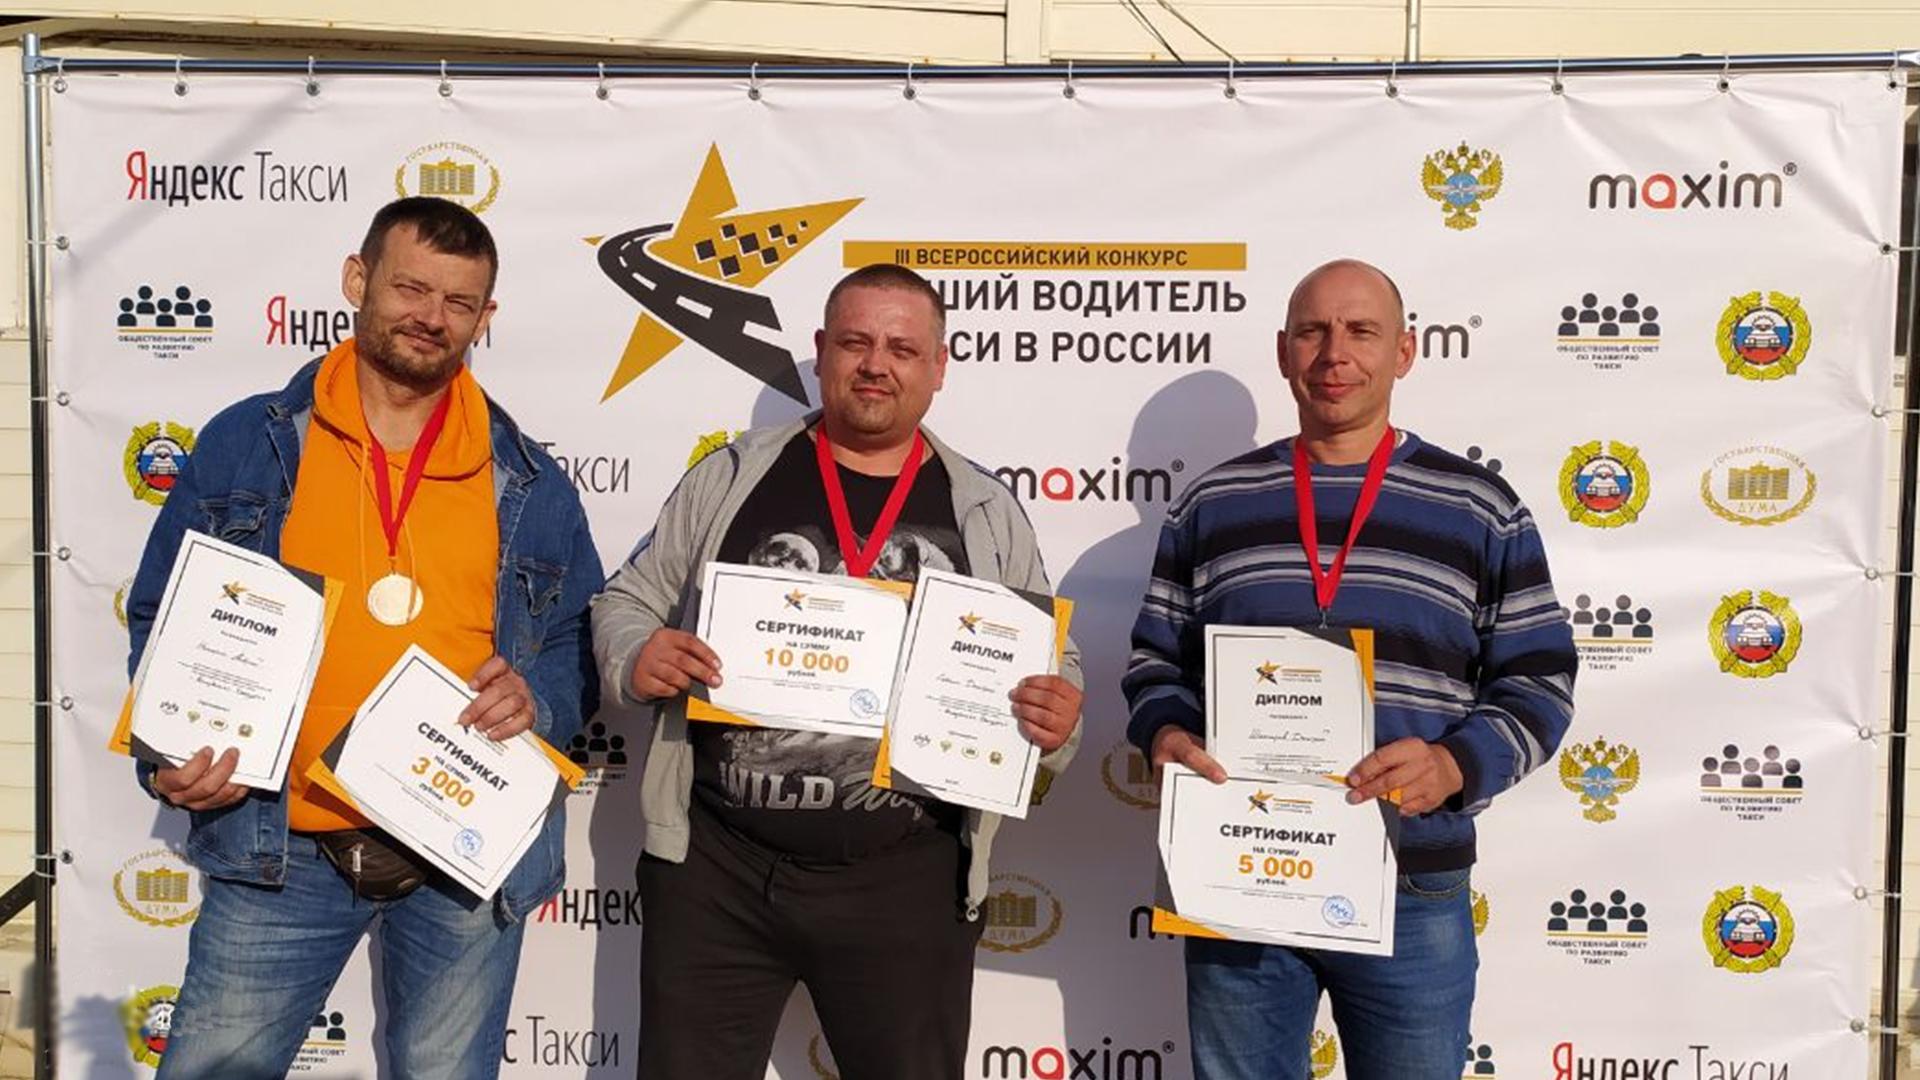 Победитель регионального этапа в Удмуртской Республике — Дмитрий Саблин